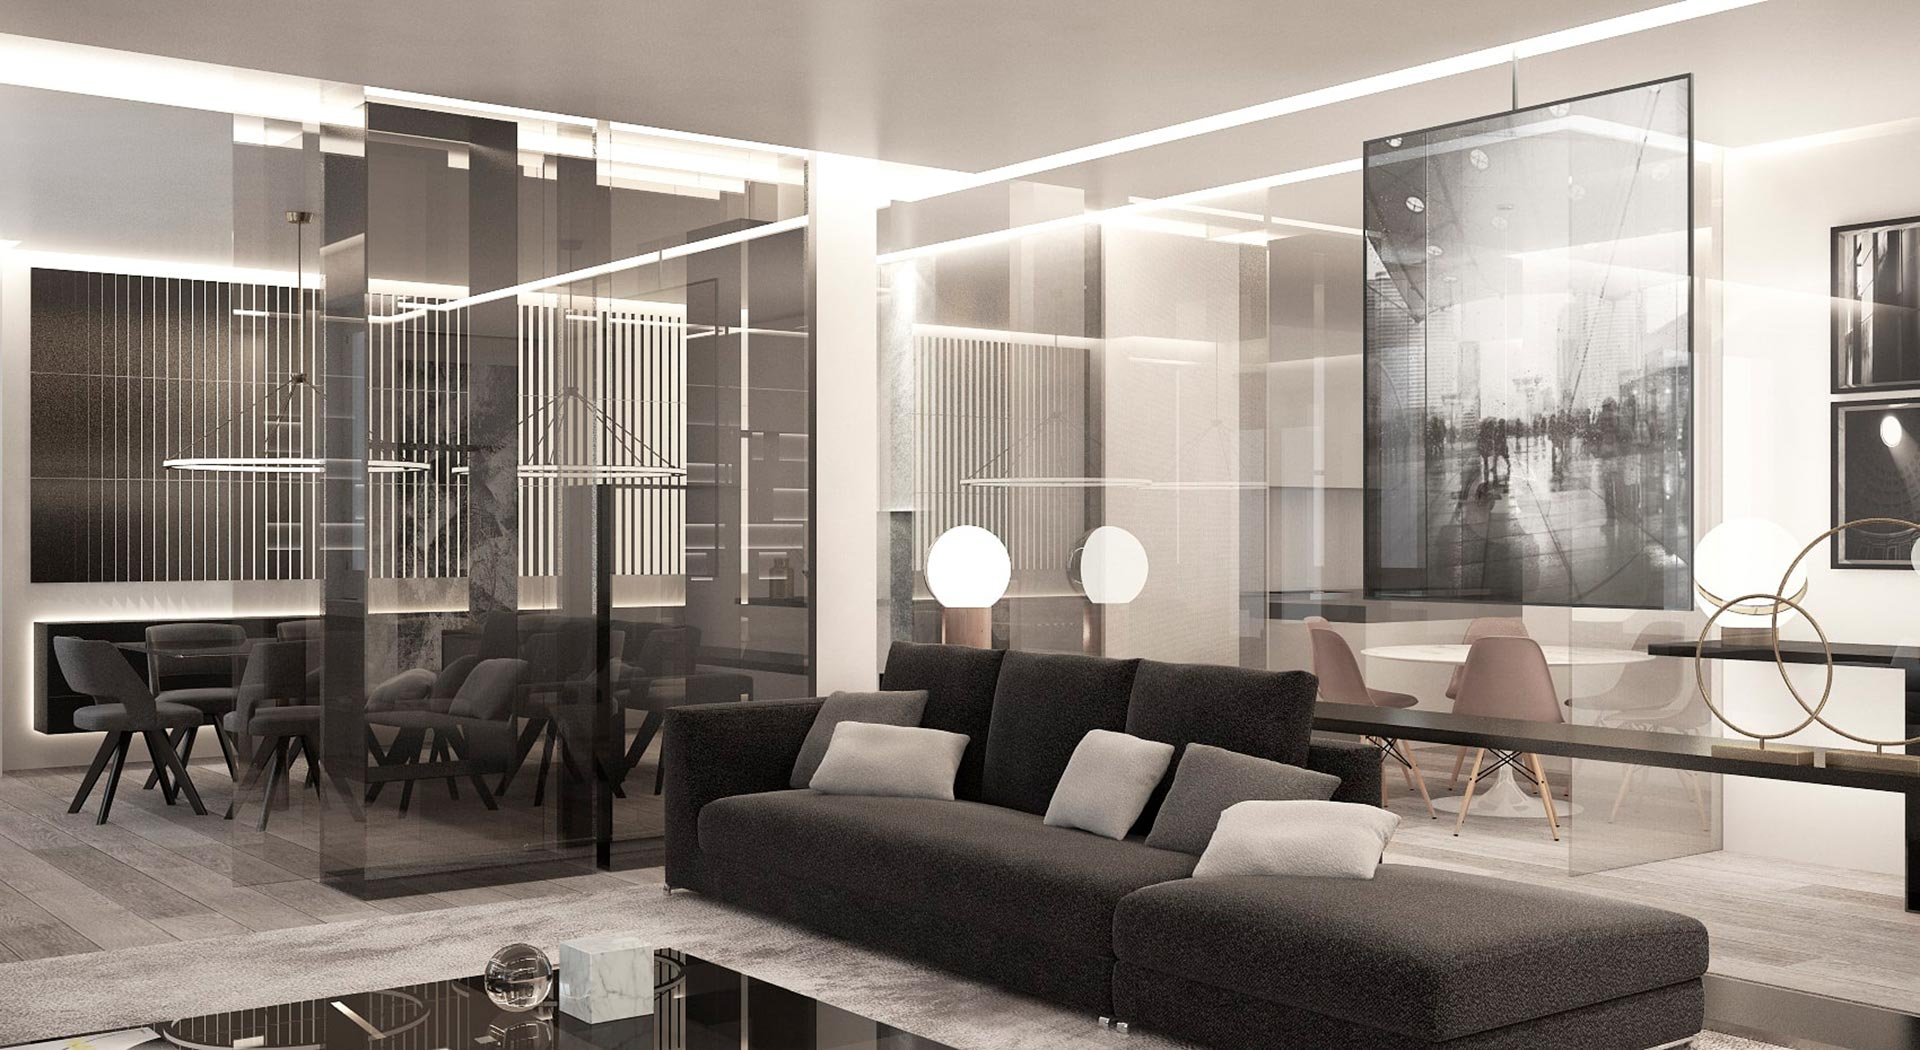 savorelli-architettura-interni-interior-design-milano-lugano-dubai-architecture